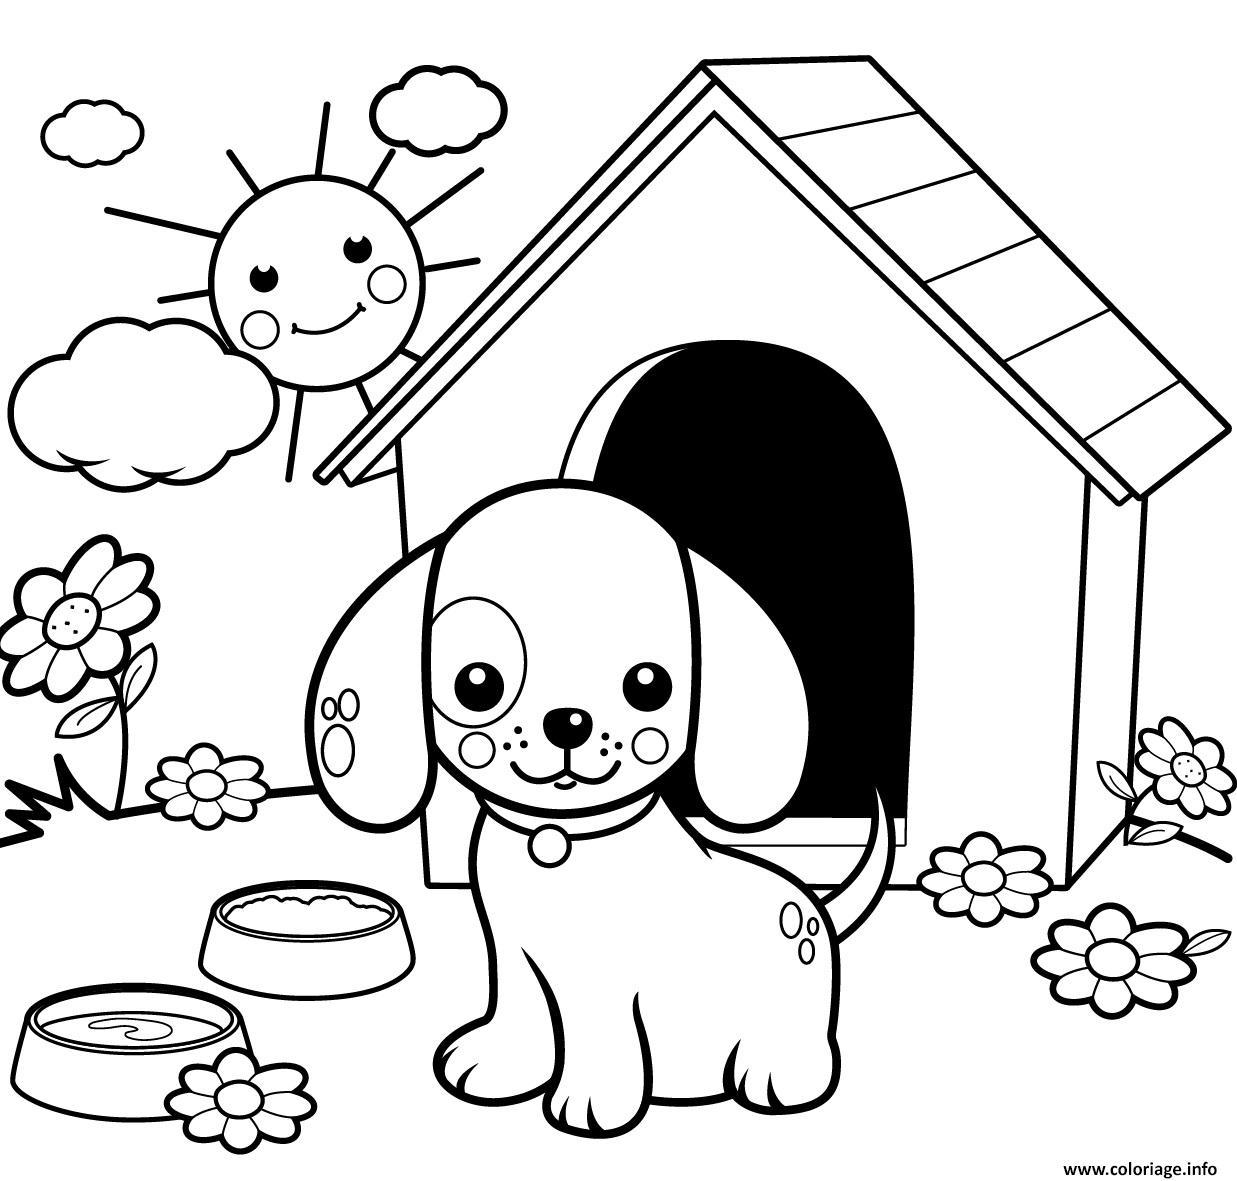 Dessin jolie chien dans sa maison au jardin et soleil eclatant Coloriage Gratuit à Imprimer